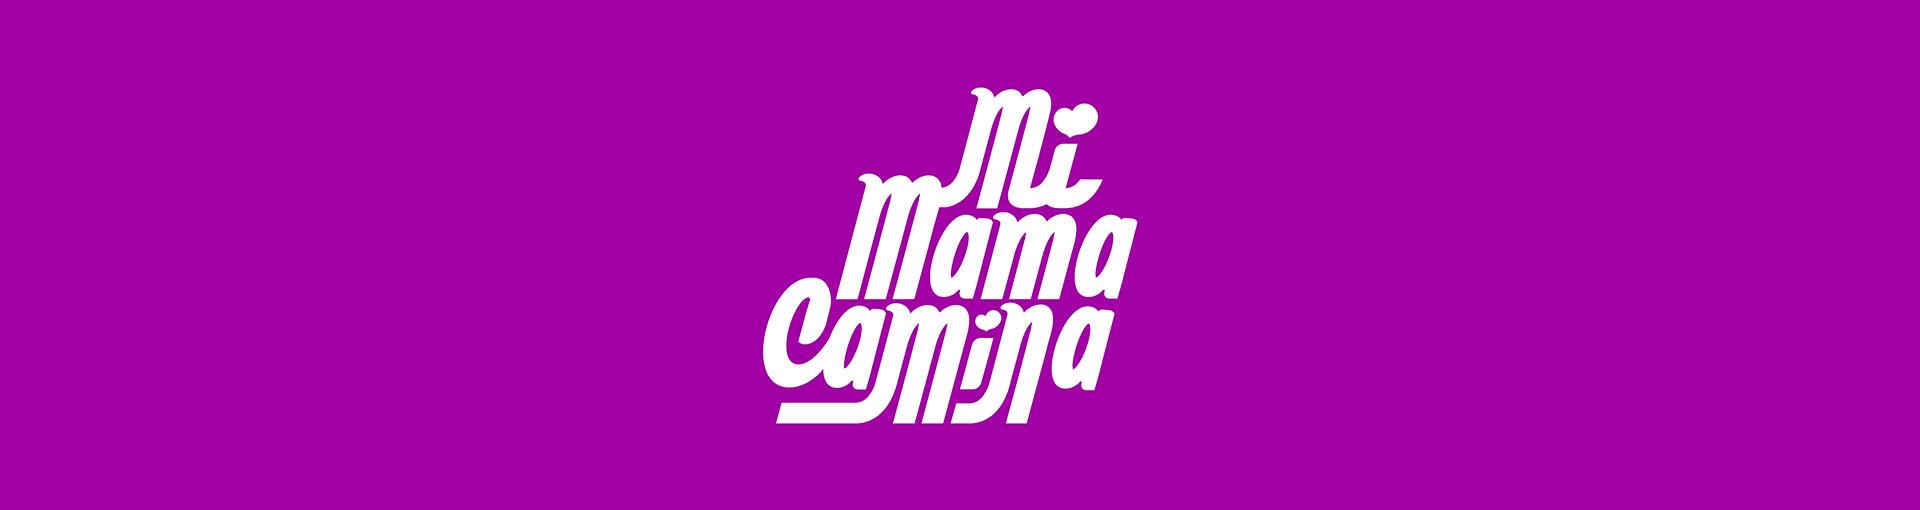 MAMA-CAMINA-05.jpg